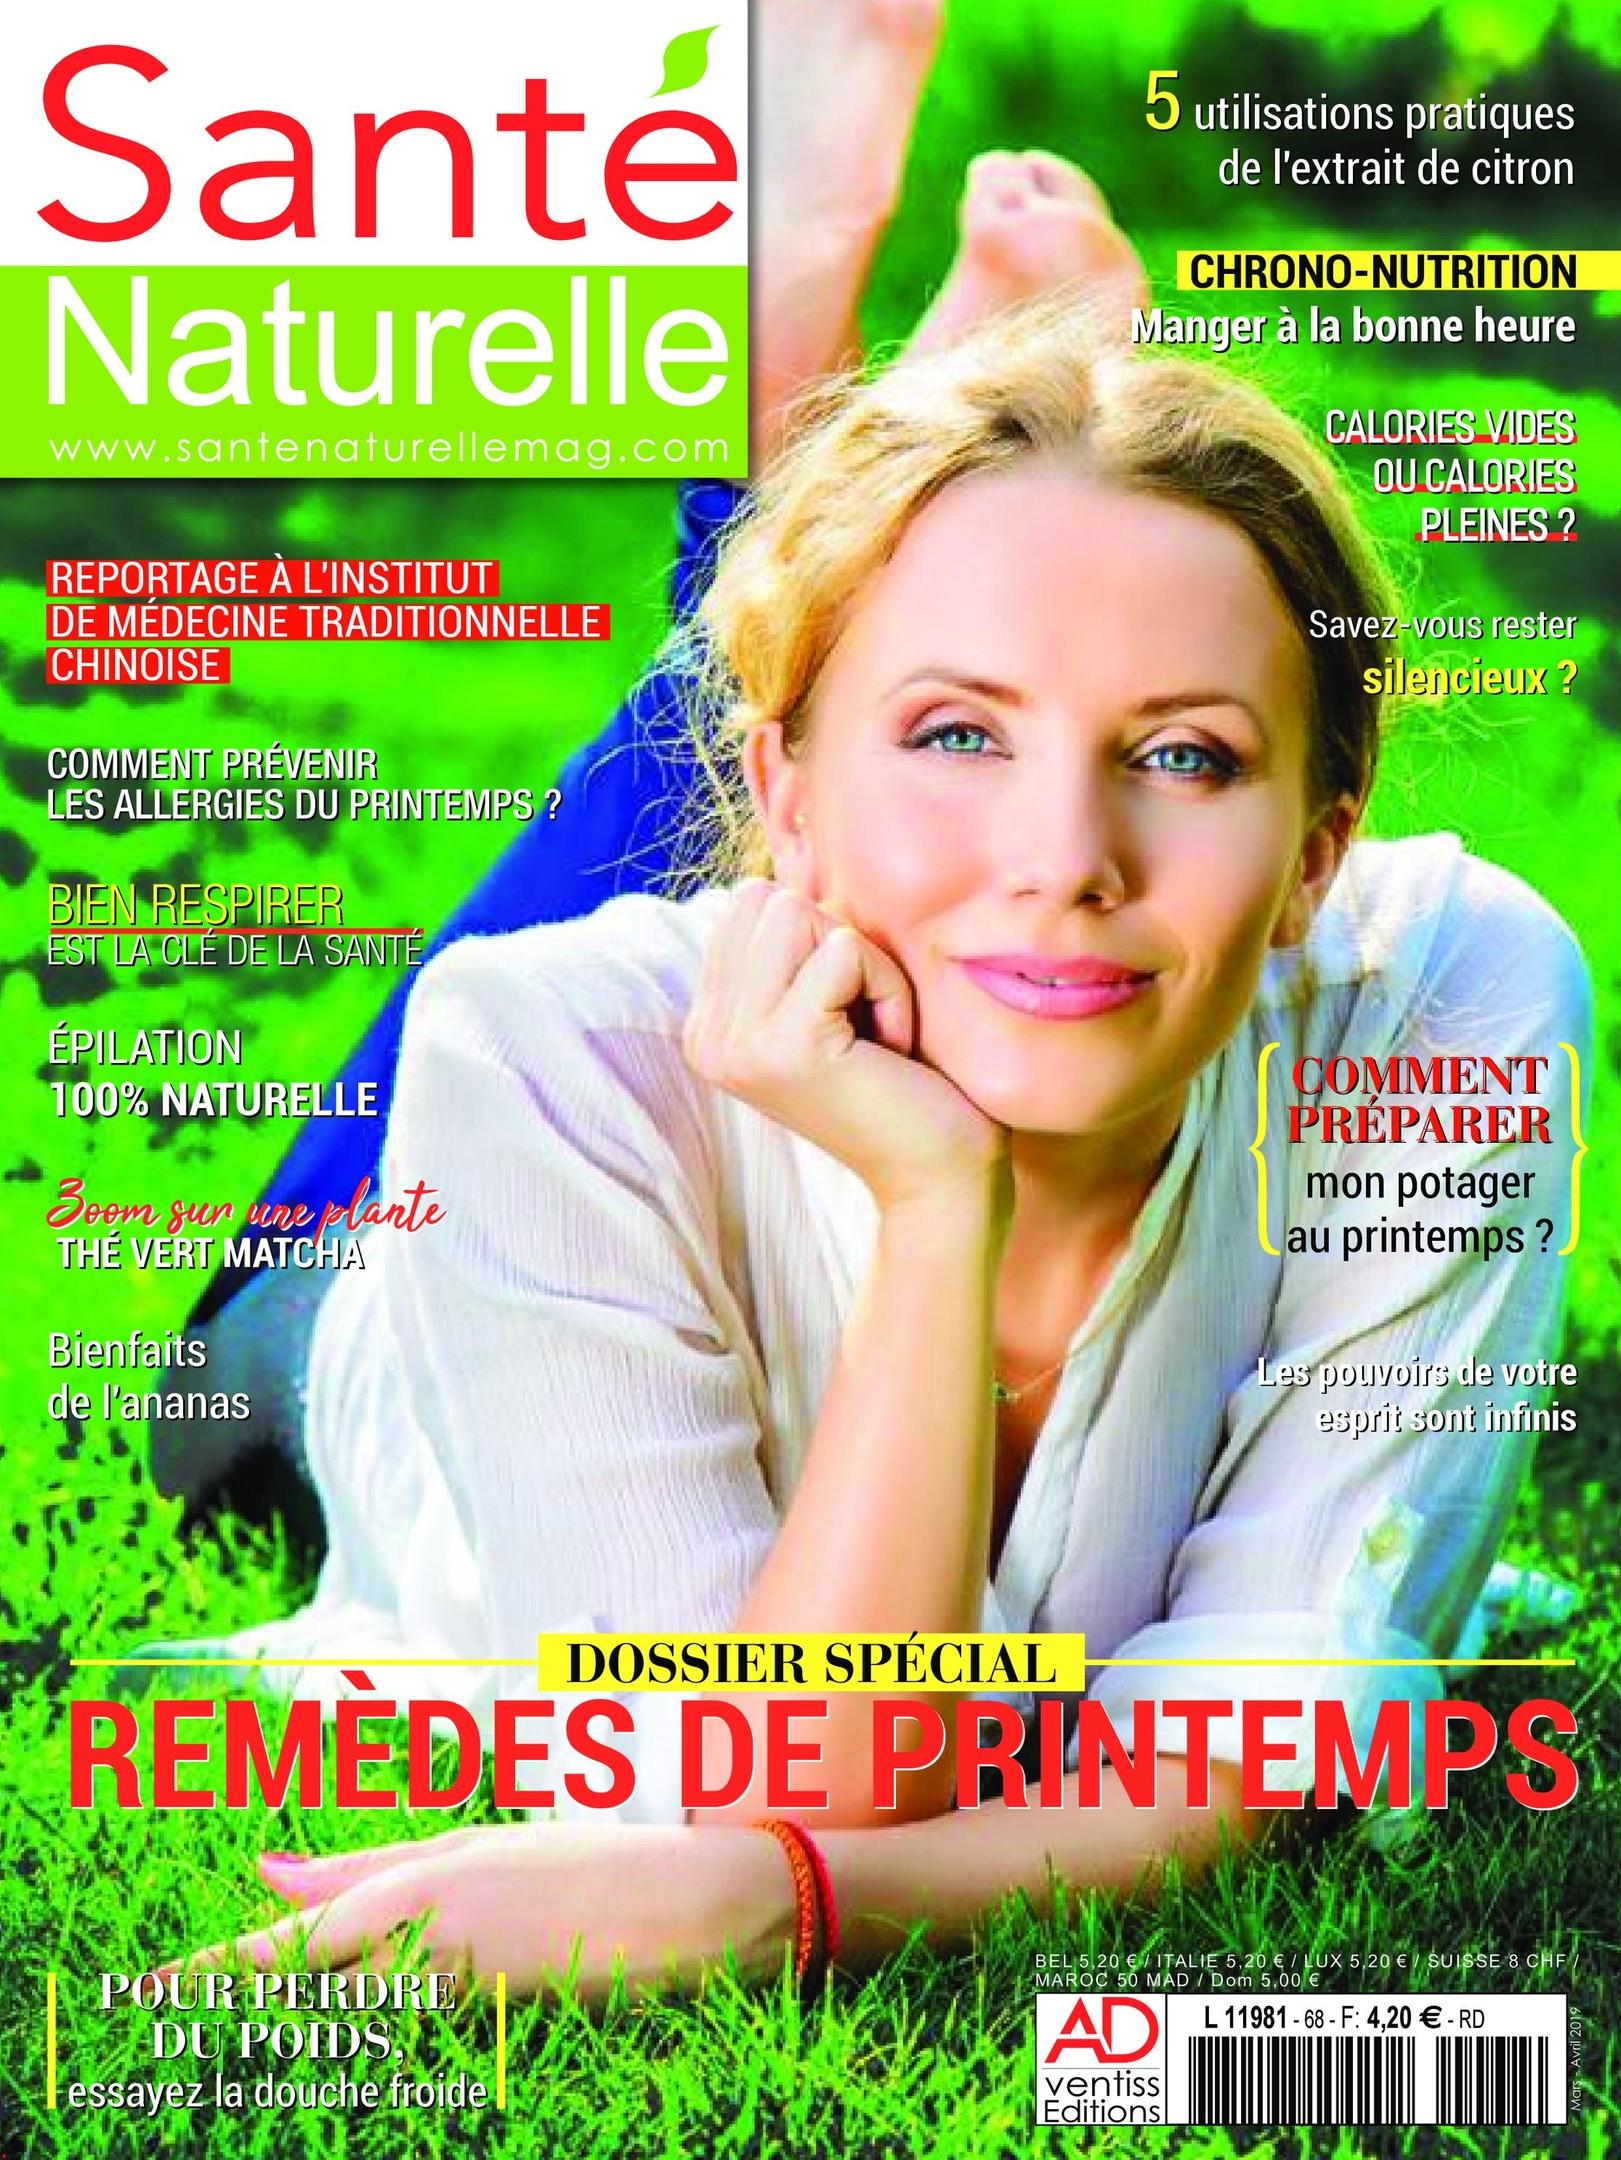 Santé Naturelle – 13 Mars 2019